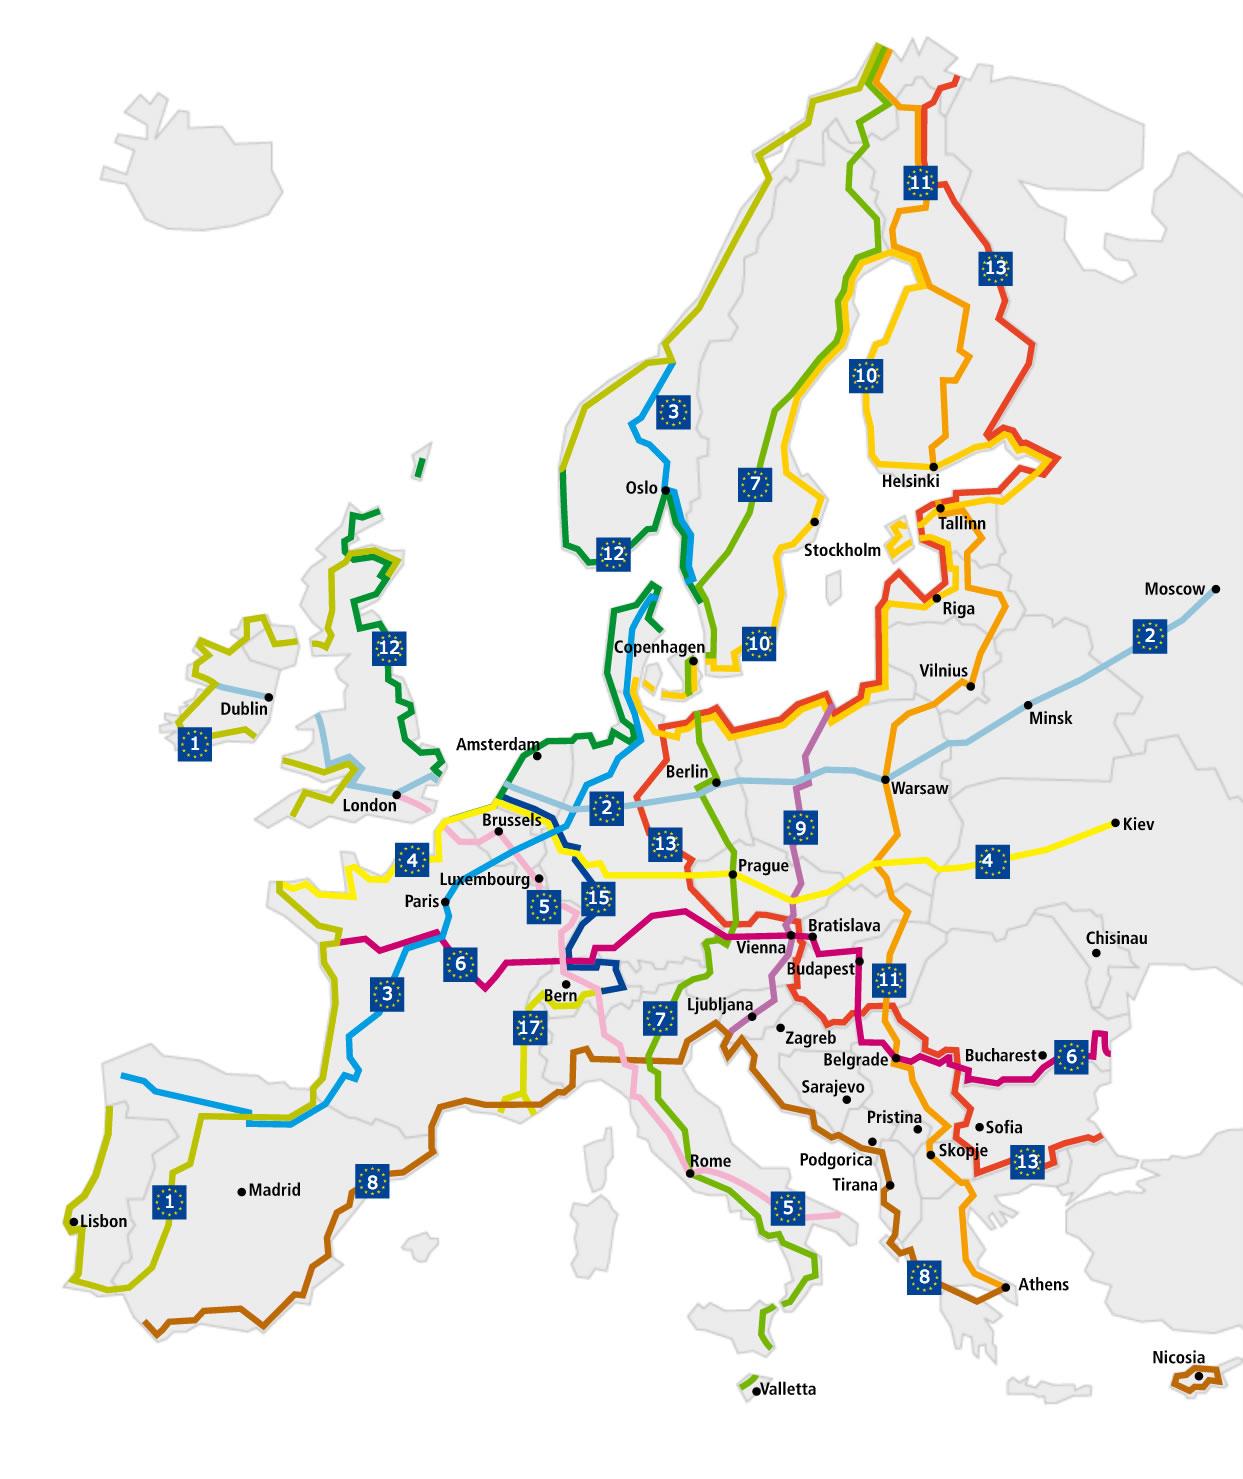 Cartina percorso Eurovelo